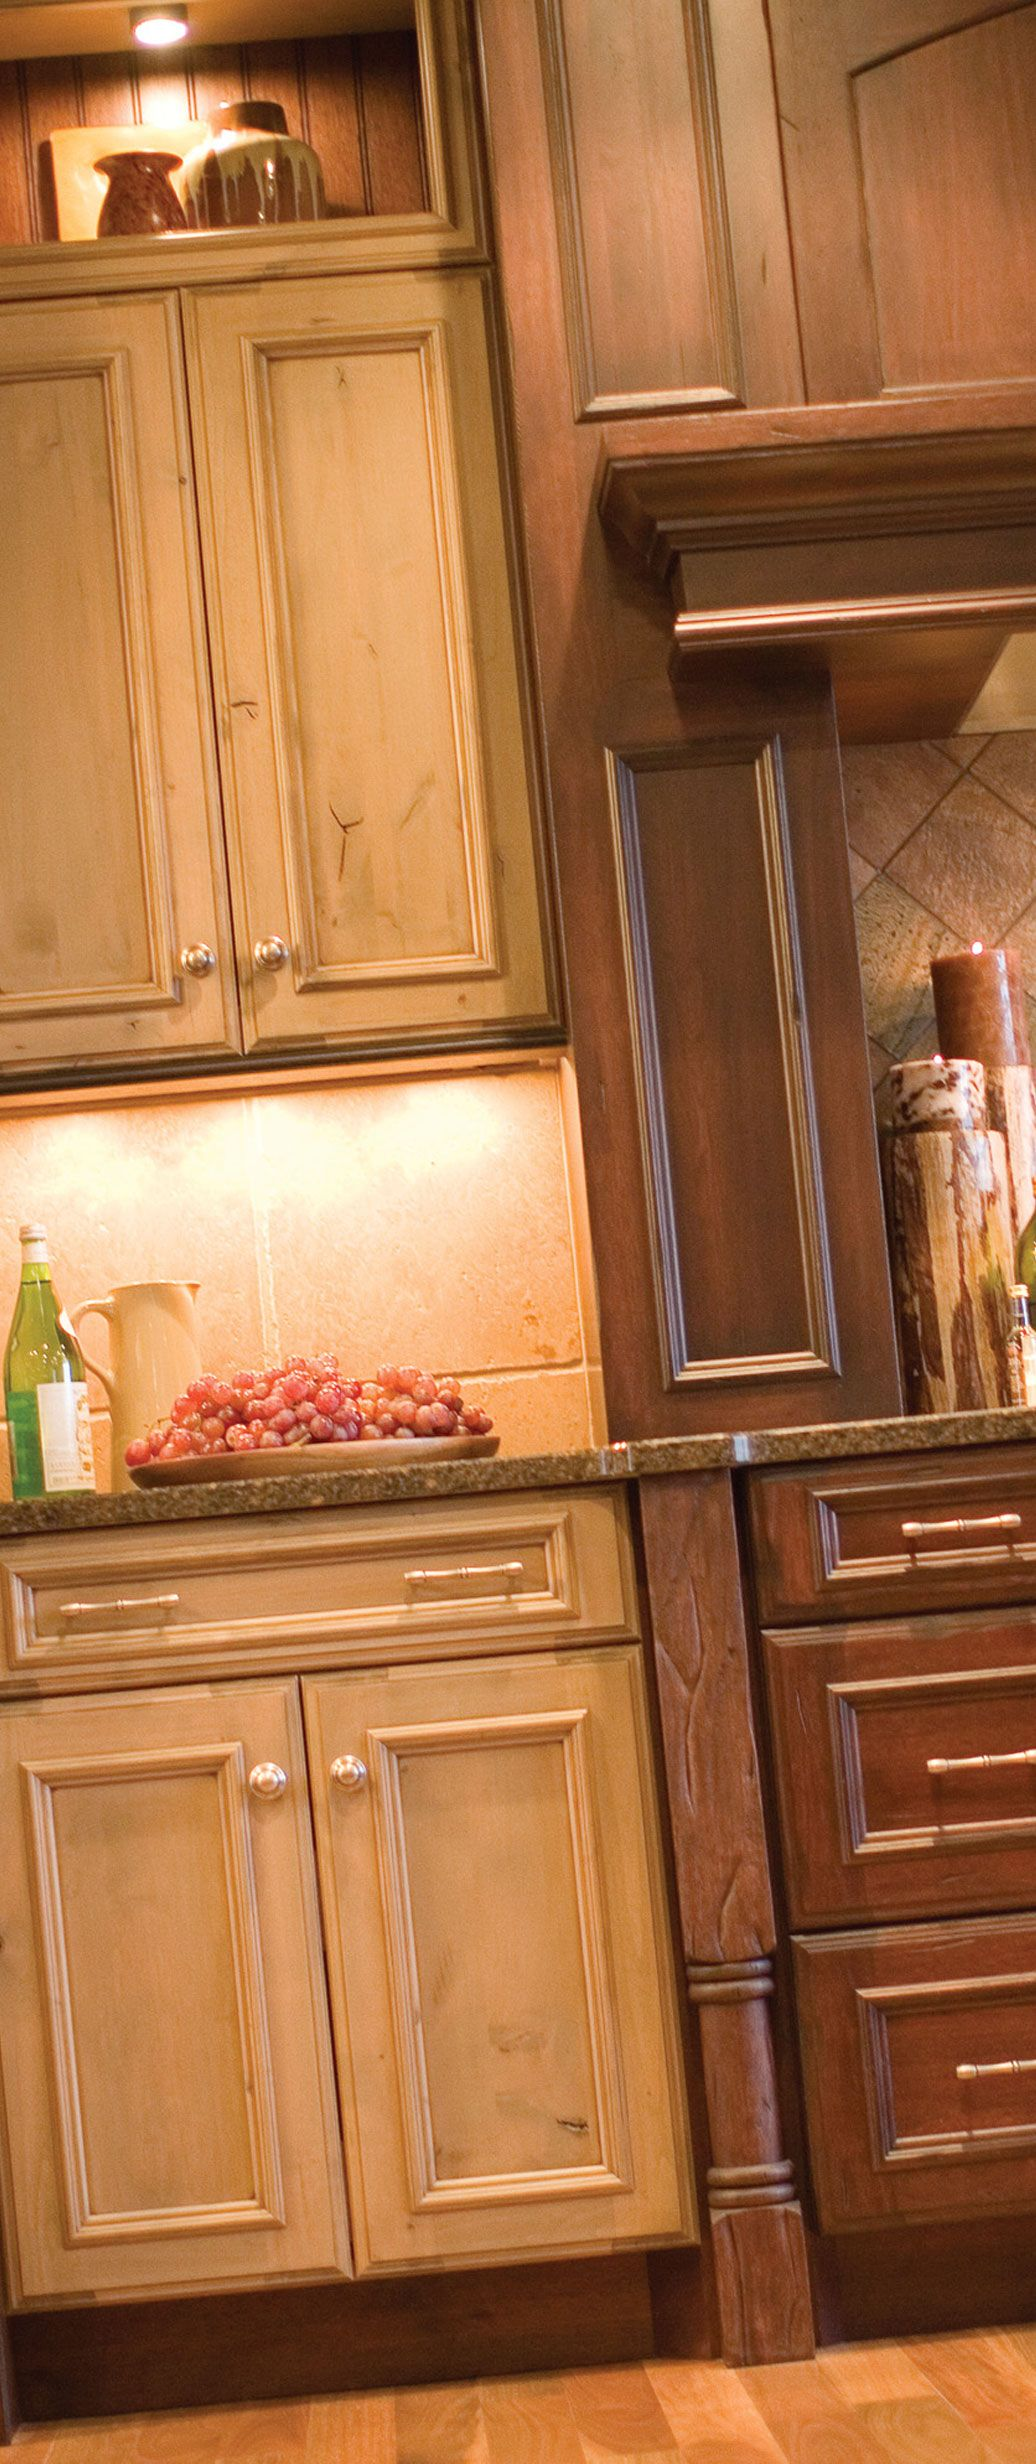 Dura Supreme Cabinetry Kitchen Bath Cabinetry Eclectic Kitchen Rustic Kitchen Island Kitchen Cabinets